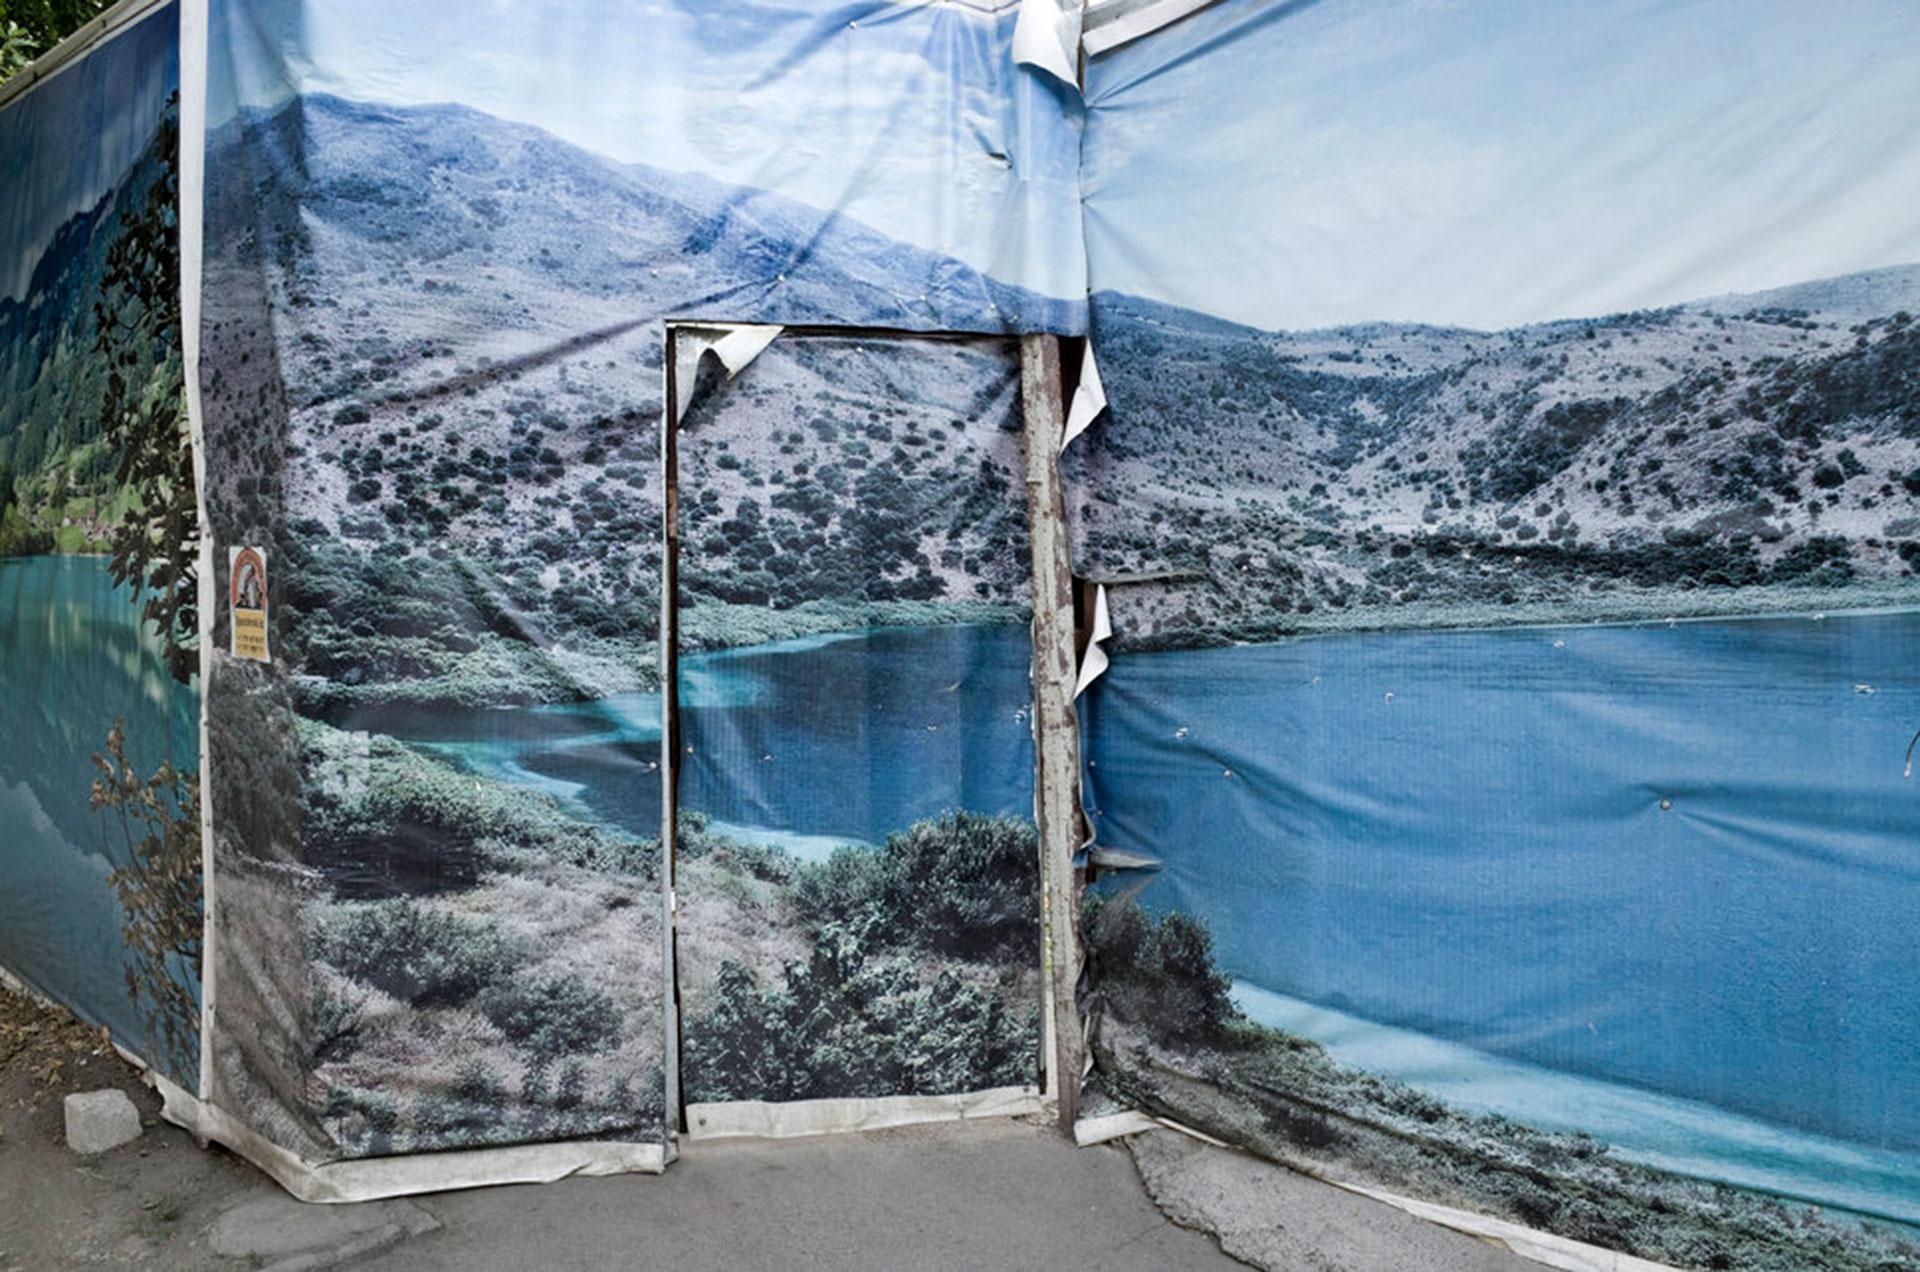 """Competencia """"Profesional"""" – Categoría """"Paisajes"""": un lugar en Kazajstán (Gentileza Sony World Photography Awards)"""